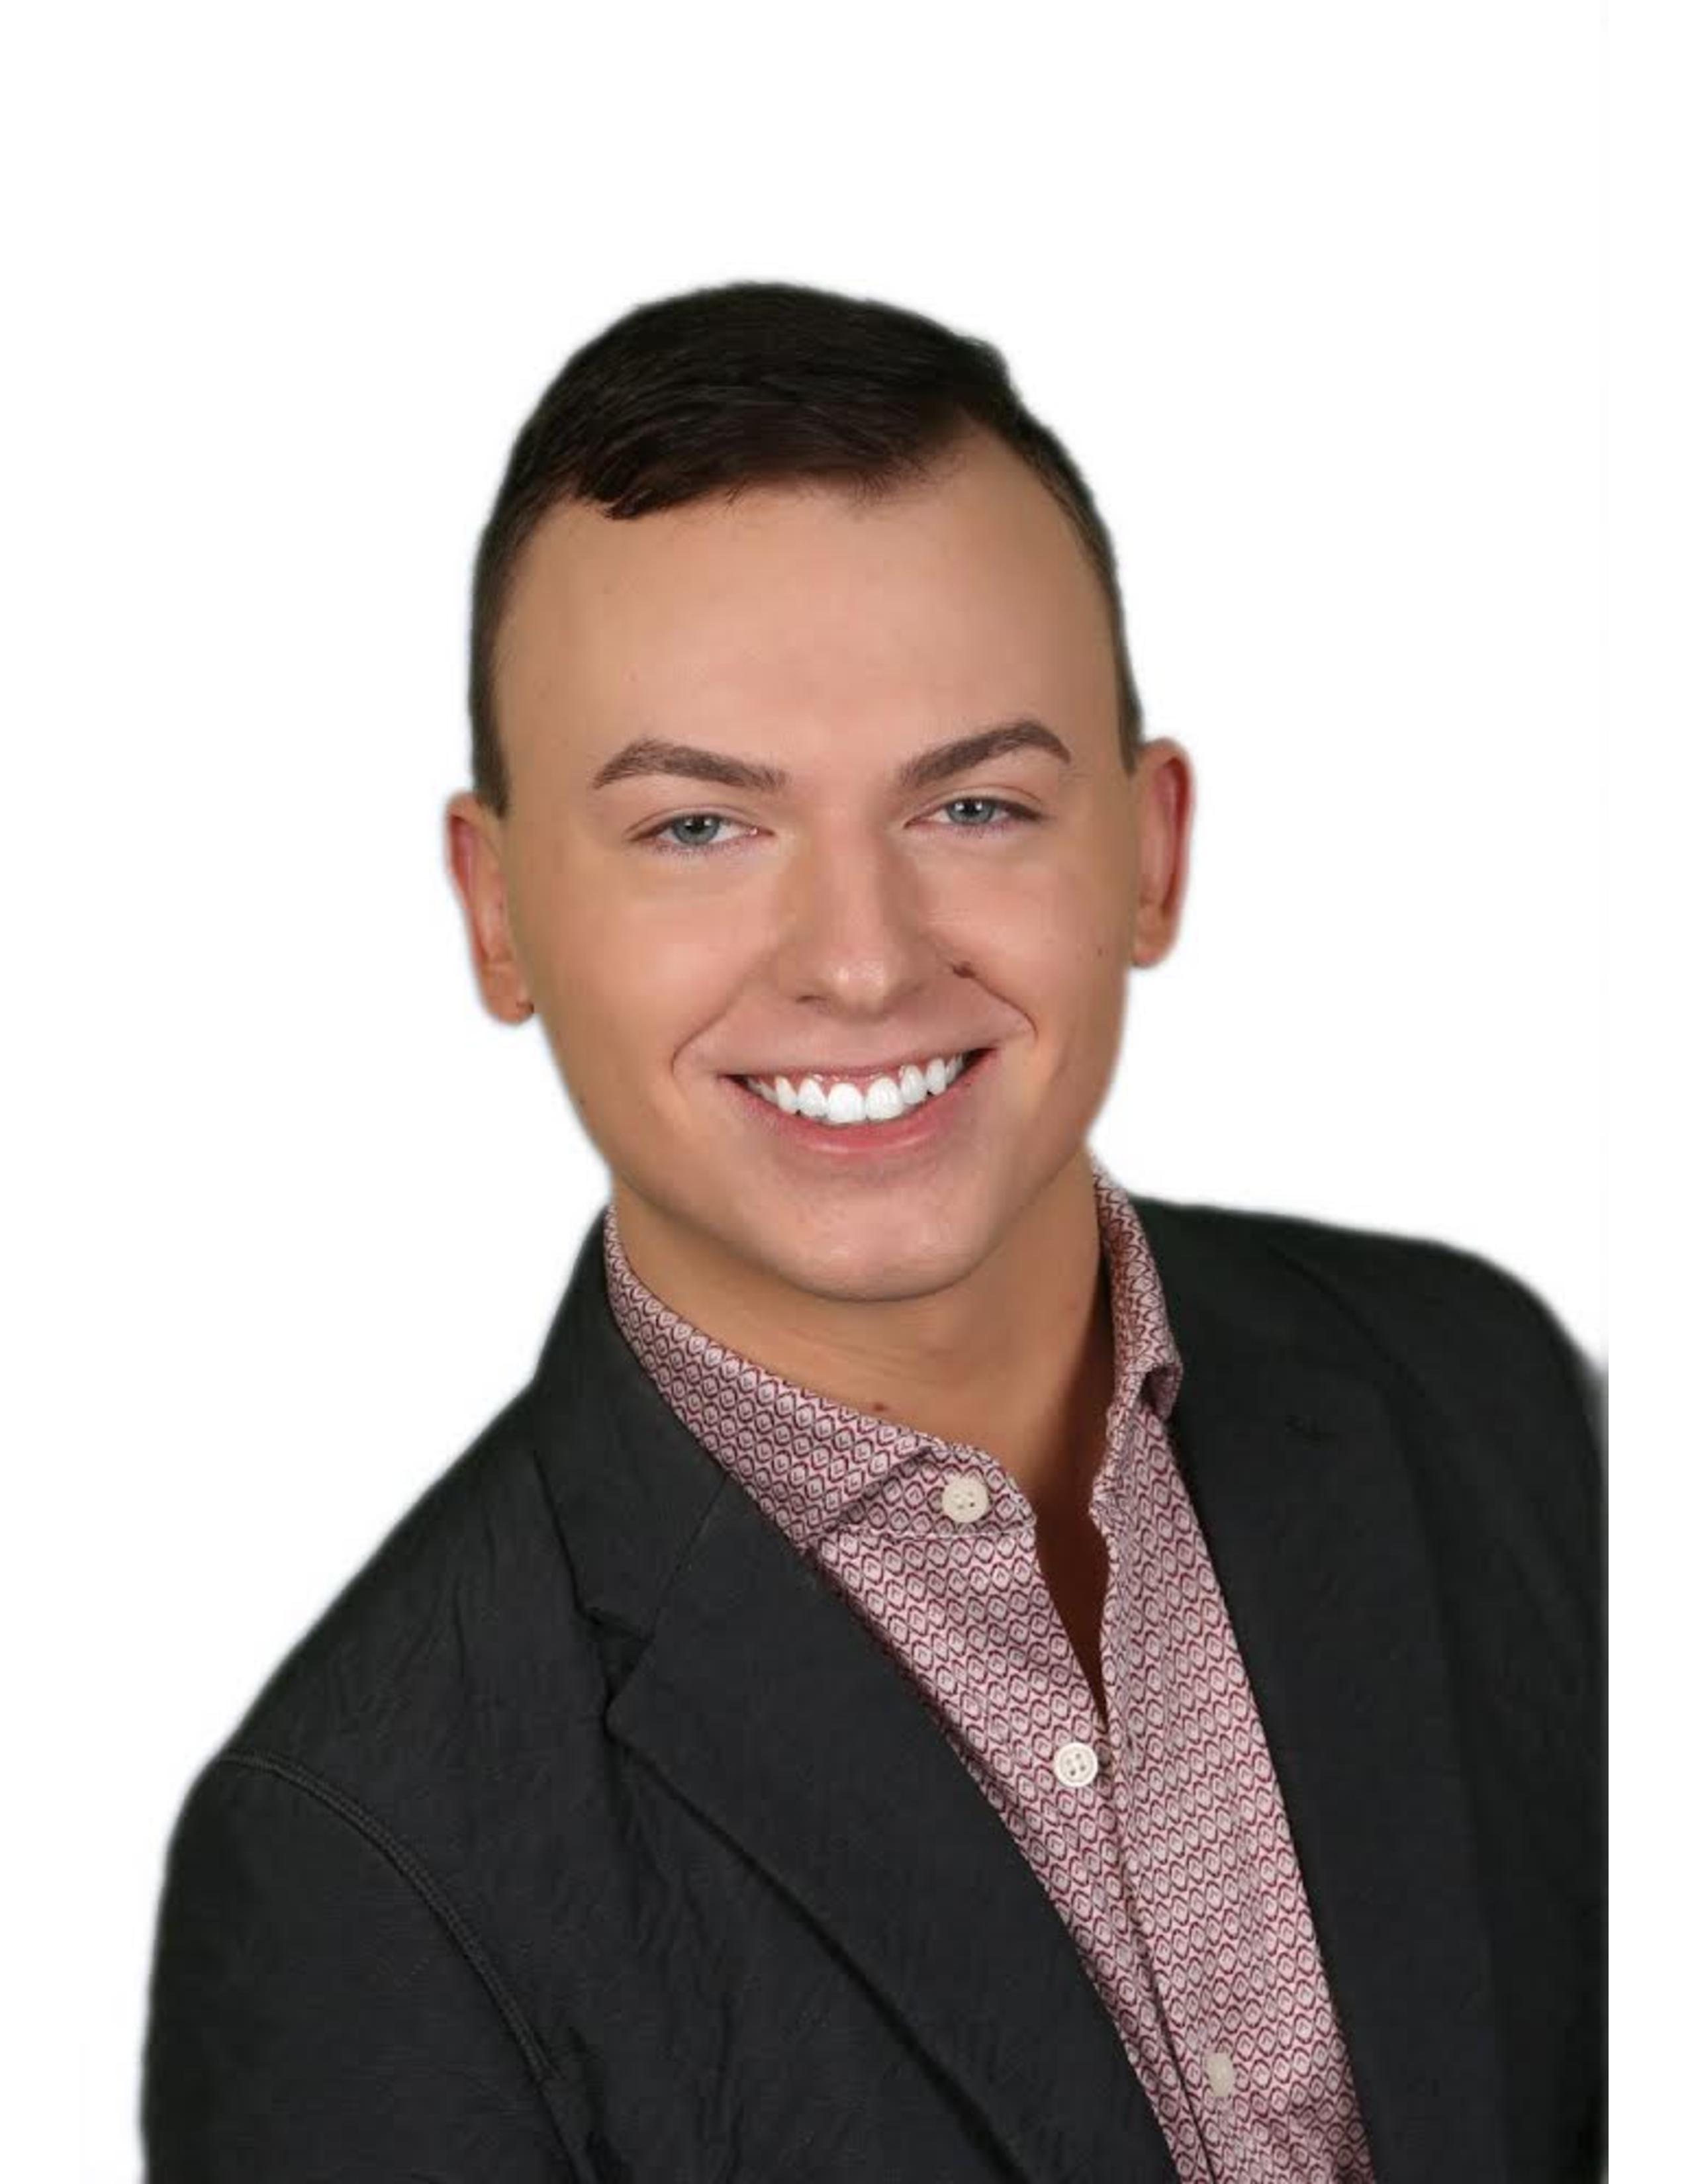 Evan Corey